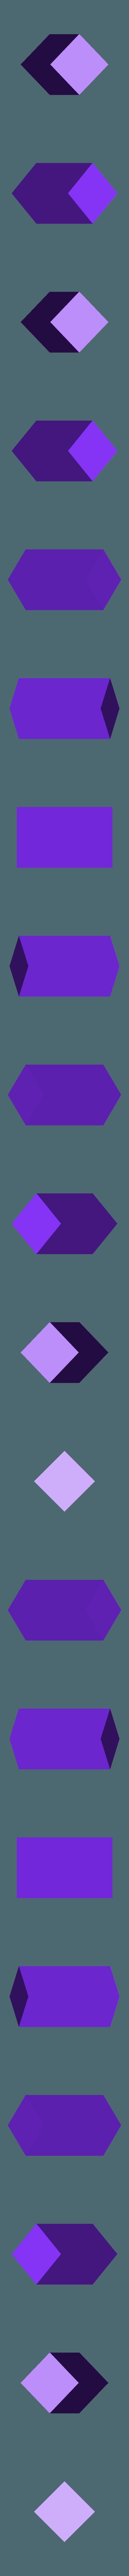 pin torso x2.stl Télécharger fichier STL gratuit Nécoline • Design pour impression 3D, DarkRadamanthys